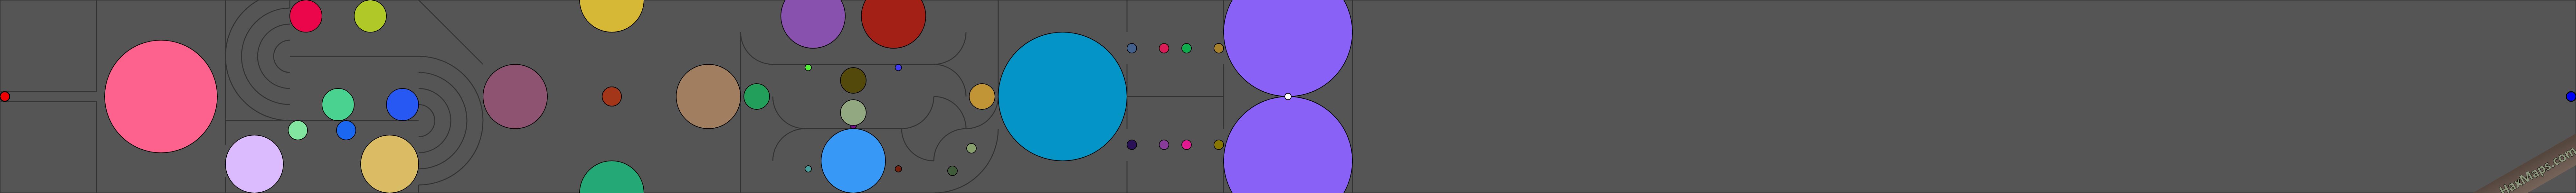 hax ball maps | Kill or Die!